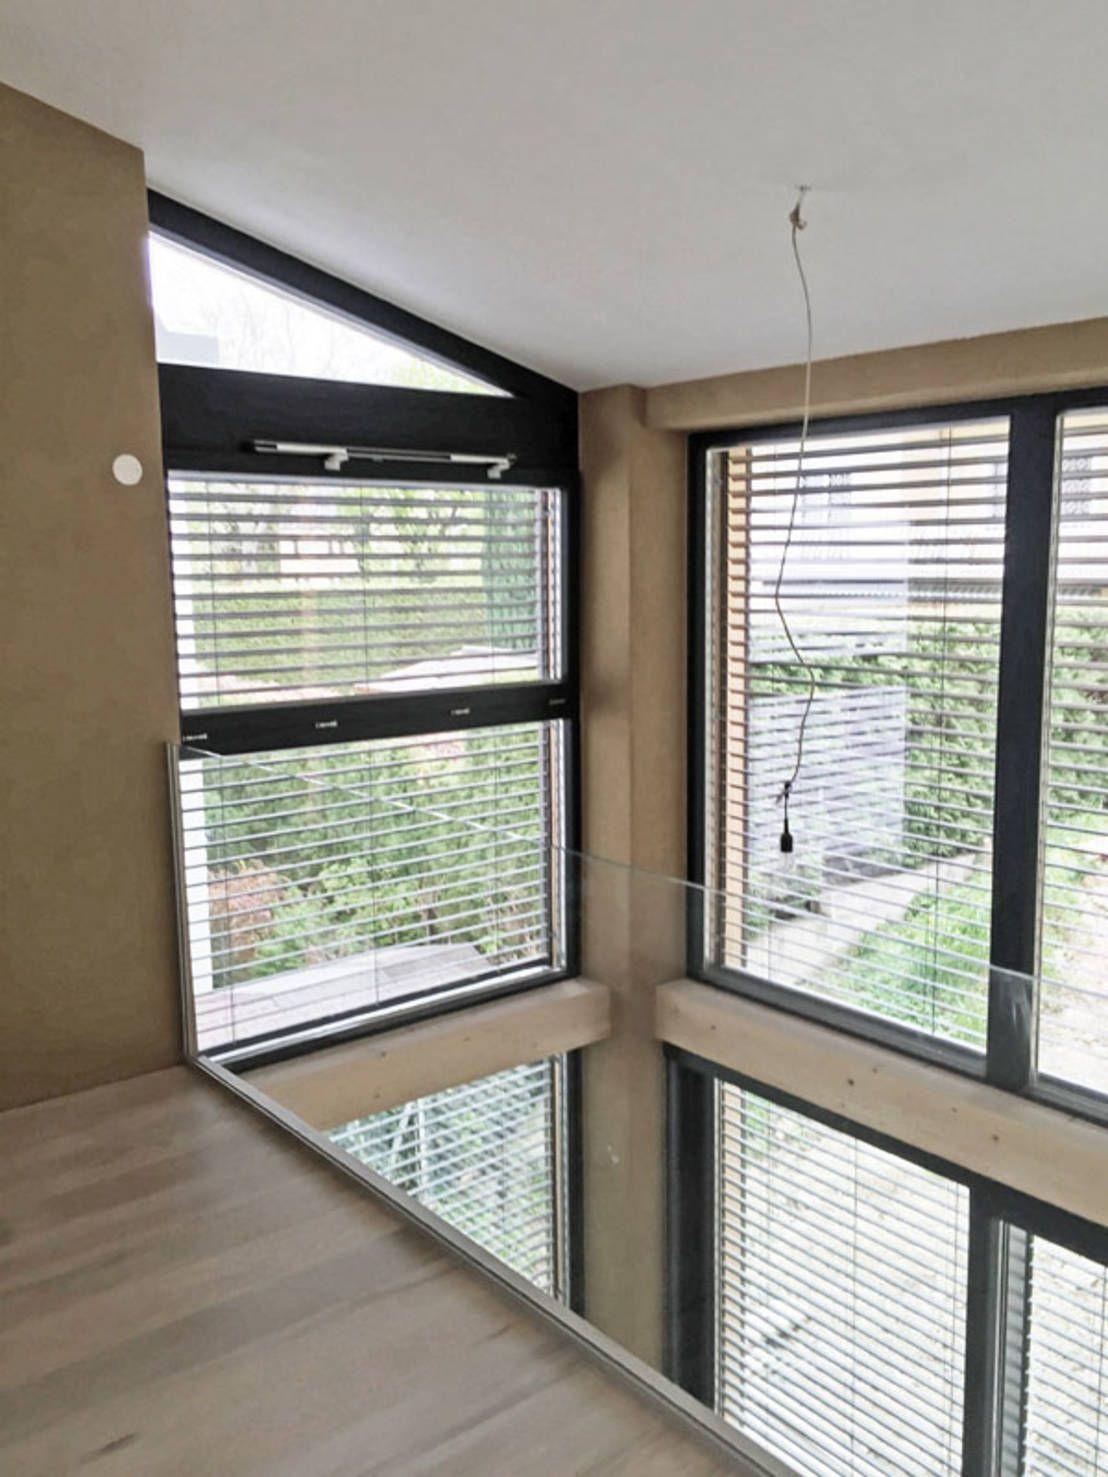 Moderne Fenster neue fenster und türen welches material sollte ich wählen